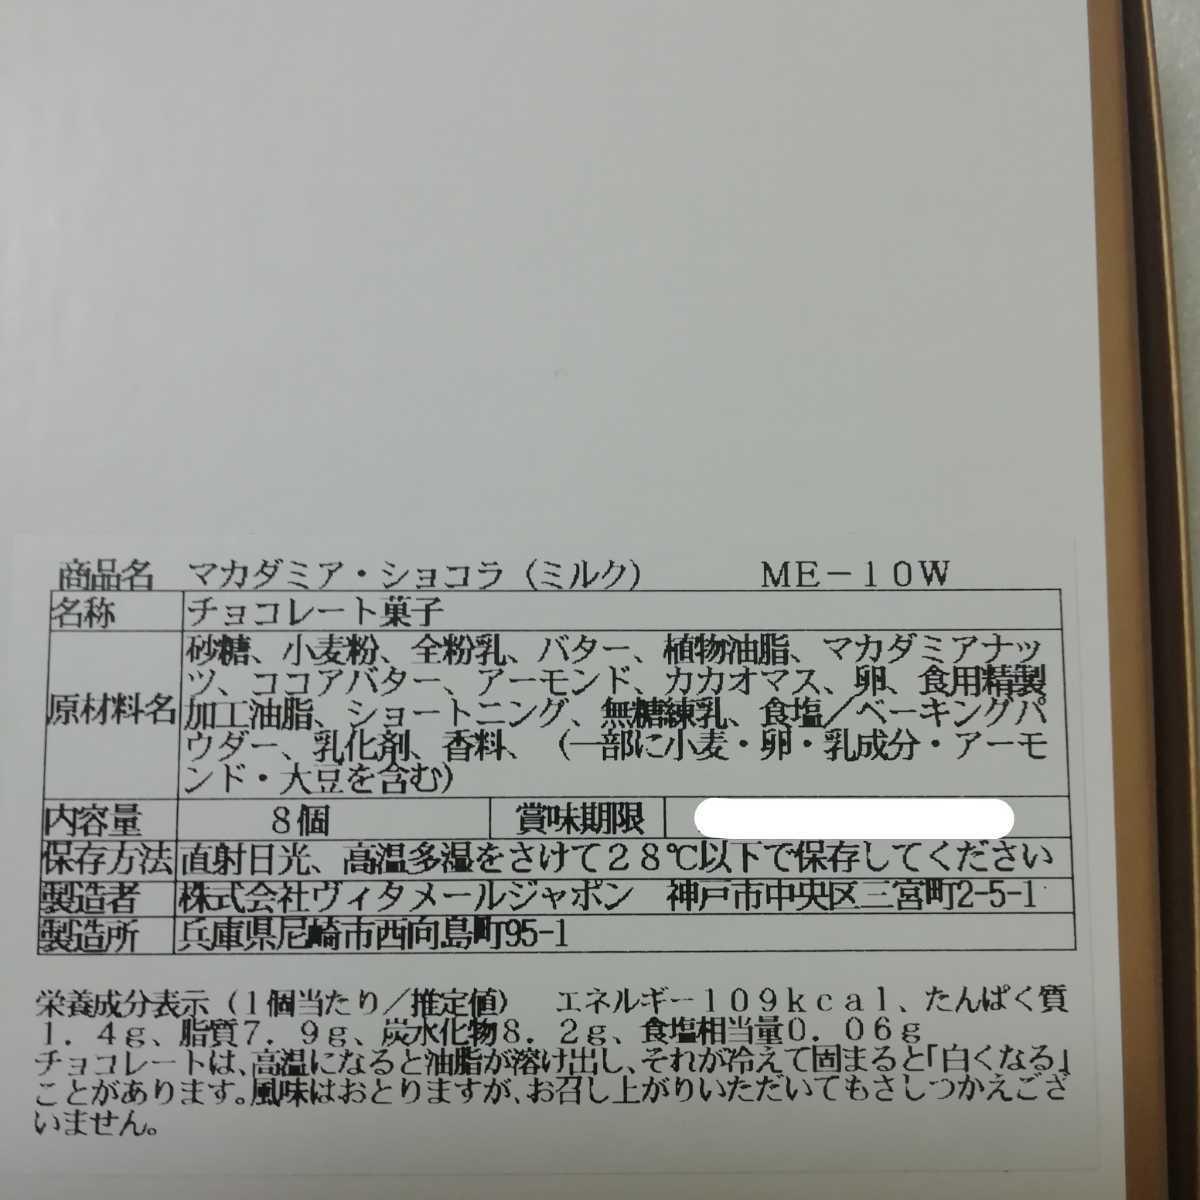 ヴィタメール マカダミアショコラ 2箱セット 1箱8枚入 ミルク ダーク チョコレート チョコ お菓子_画像3